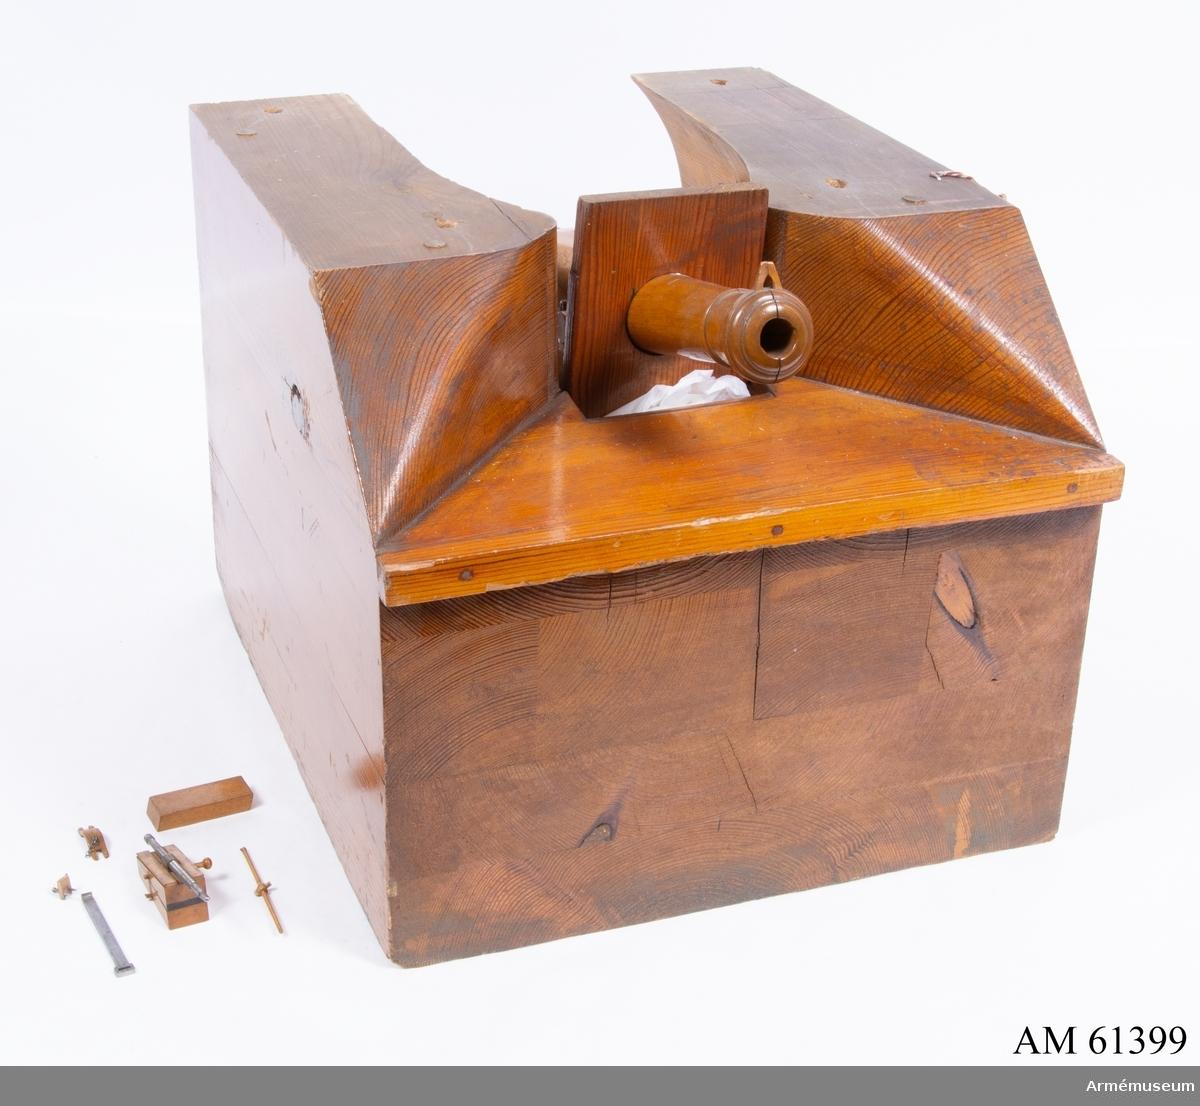 Grupp F I. Modell av 30-pundig räfflad kanon. Skala 1/10. Kapten F A Spaks katalog 1888. Av Cavallis konstruktion år 1845. I modellen ingår eldrör, lavett, kasematt, projektil, laddtyg, hjul till lavetten.